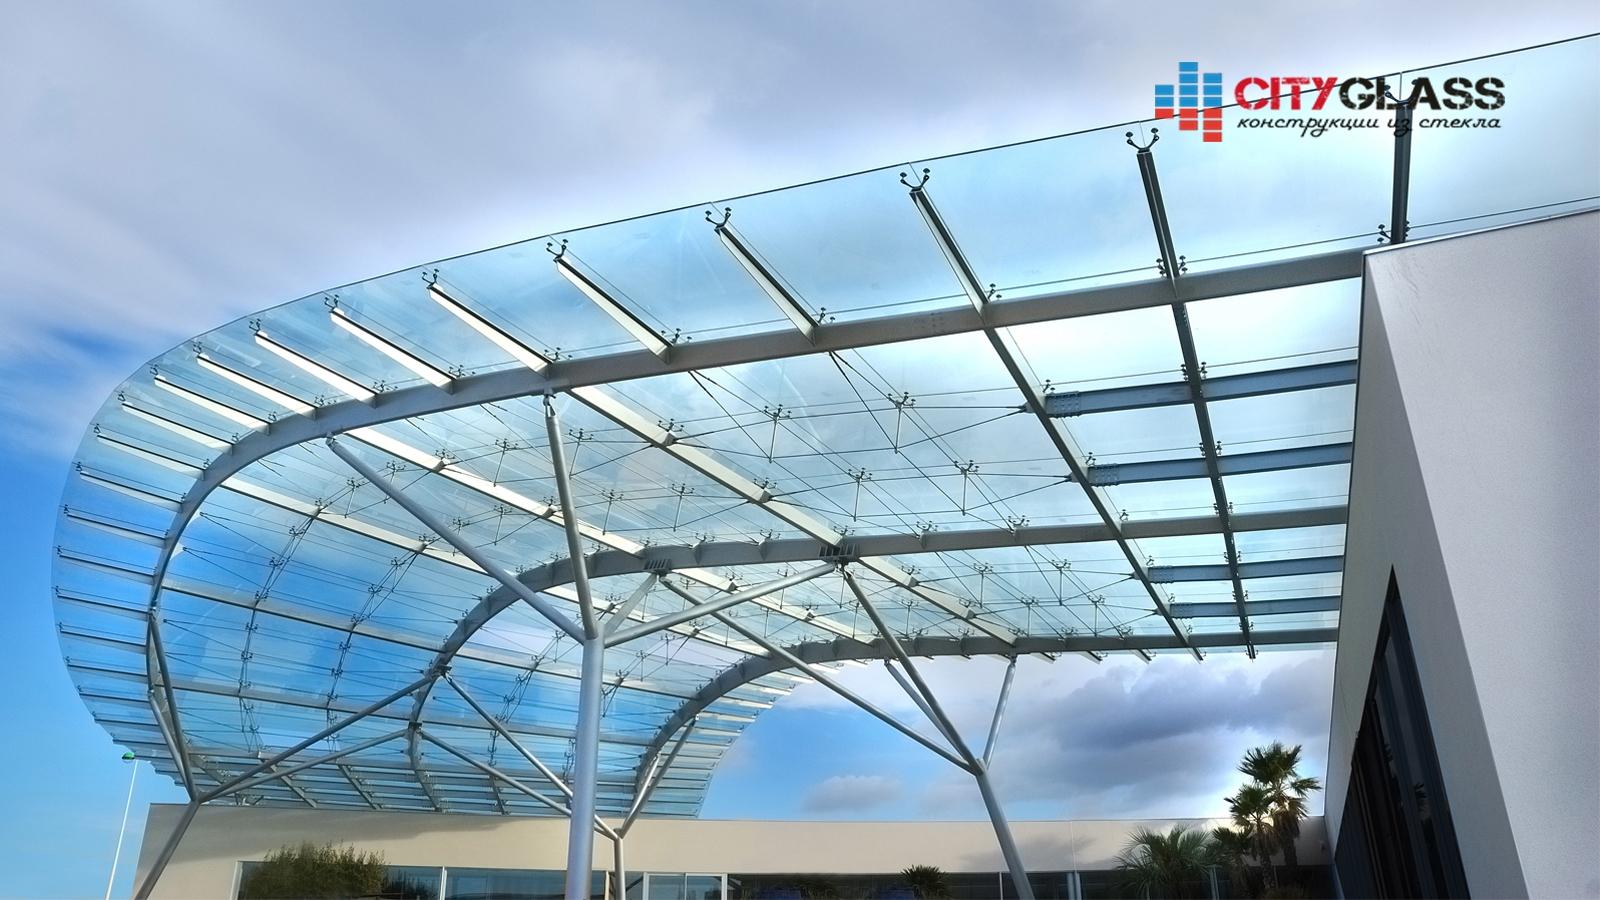 Галерея - стеклянные крыши - kz05